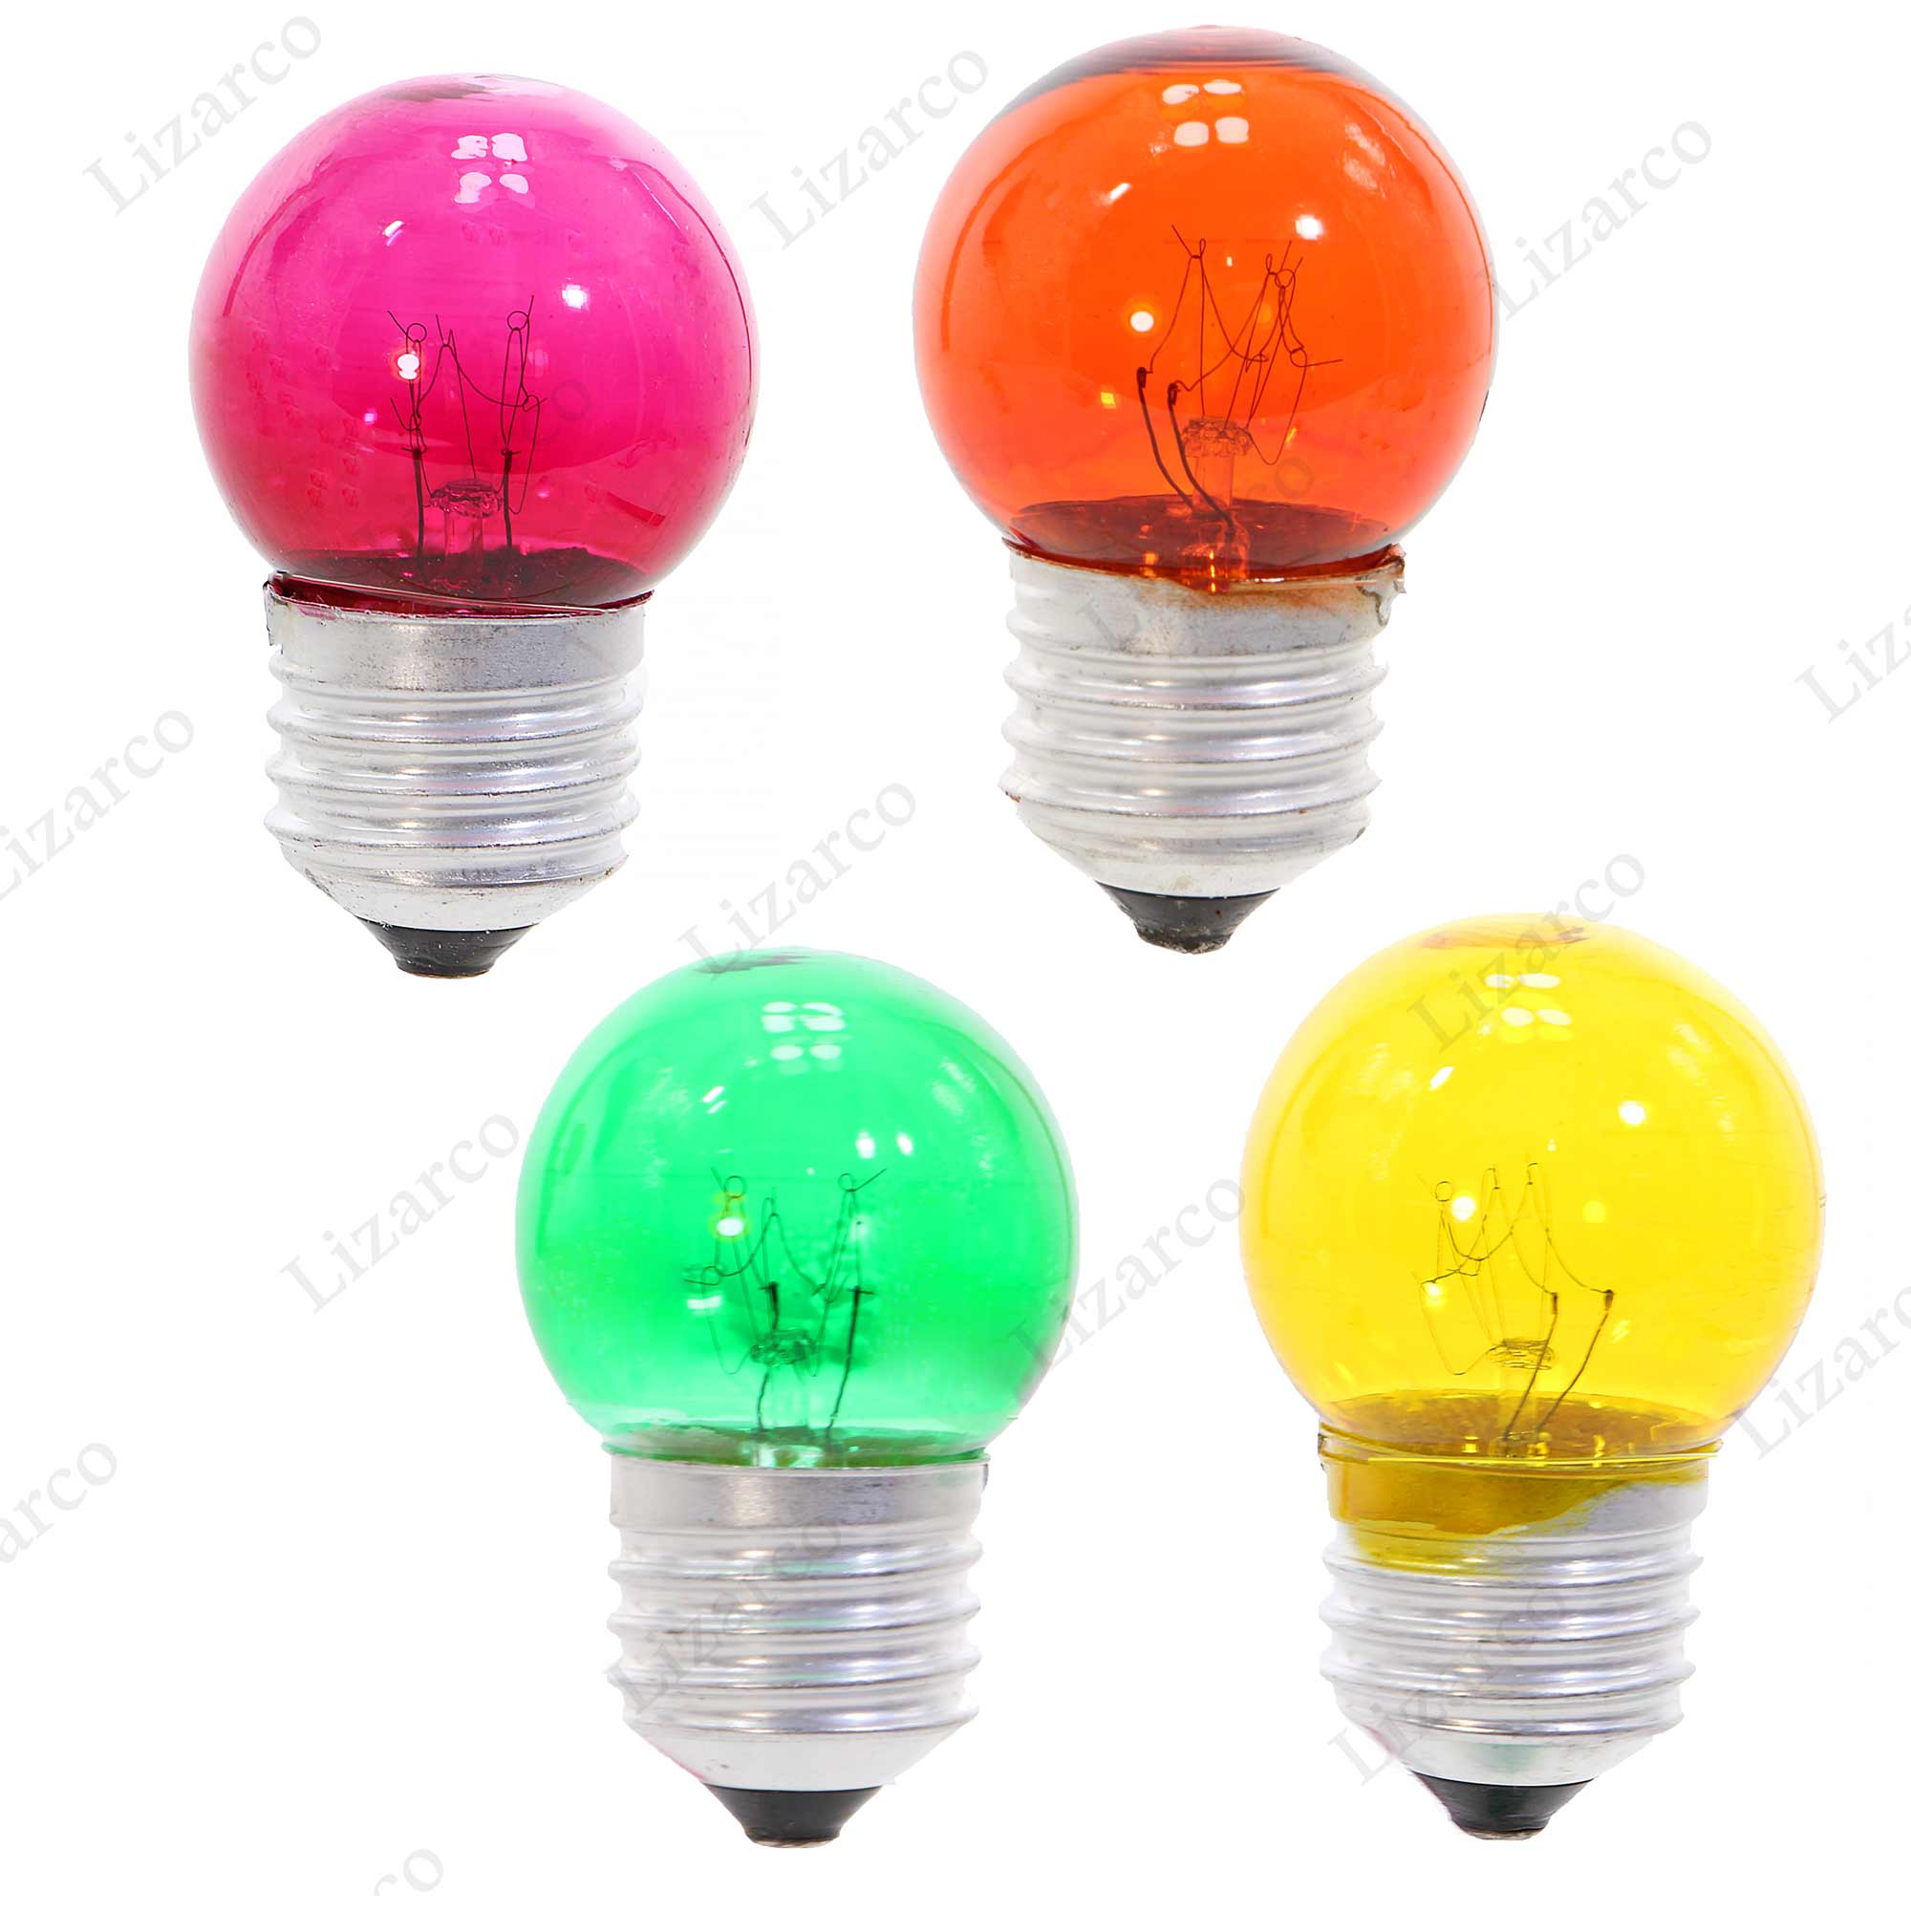 تصویر لامپ خواب رنگی 5 وات  - نارون لیان